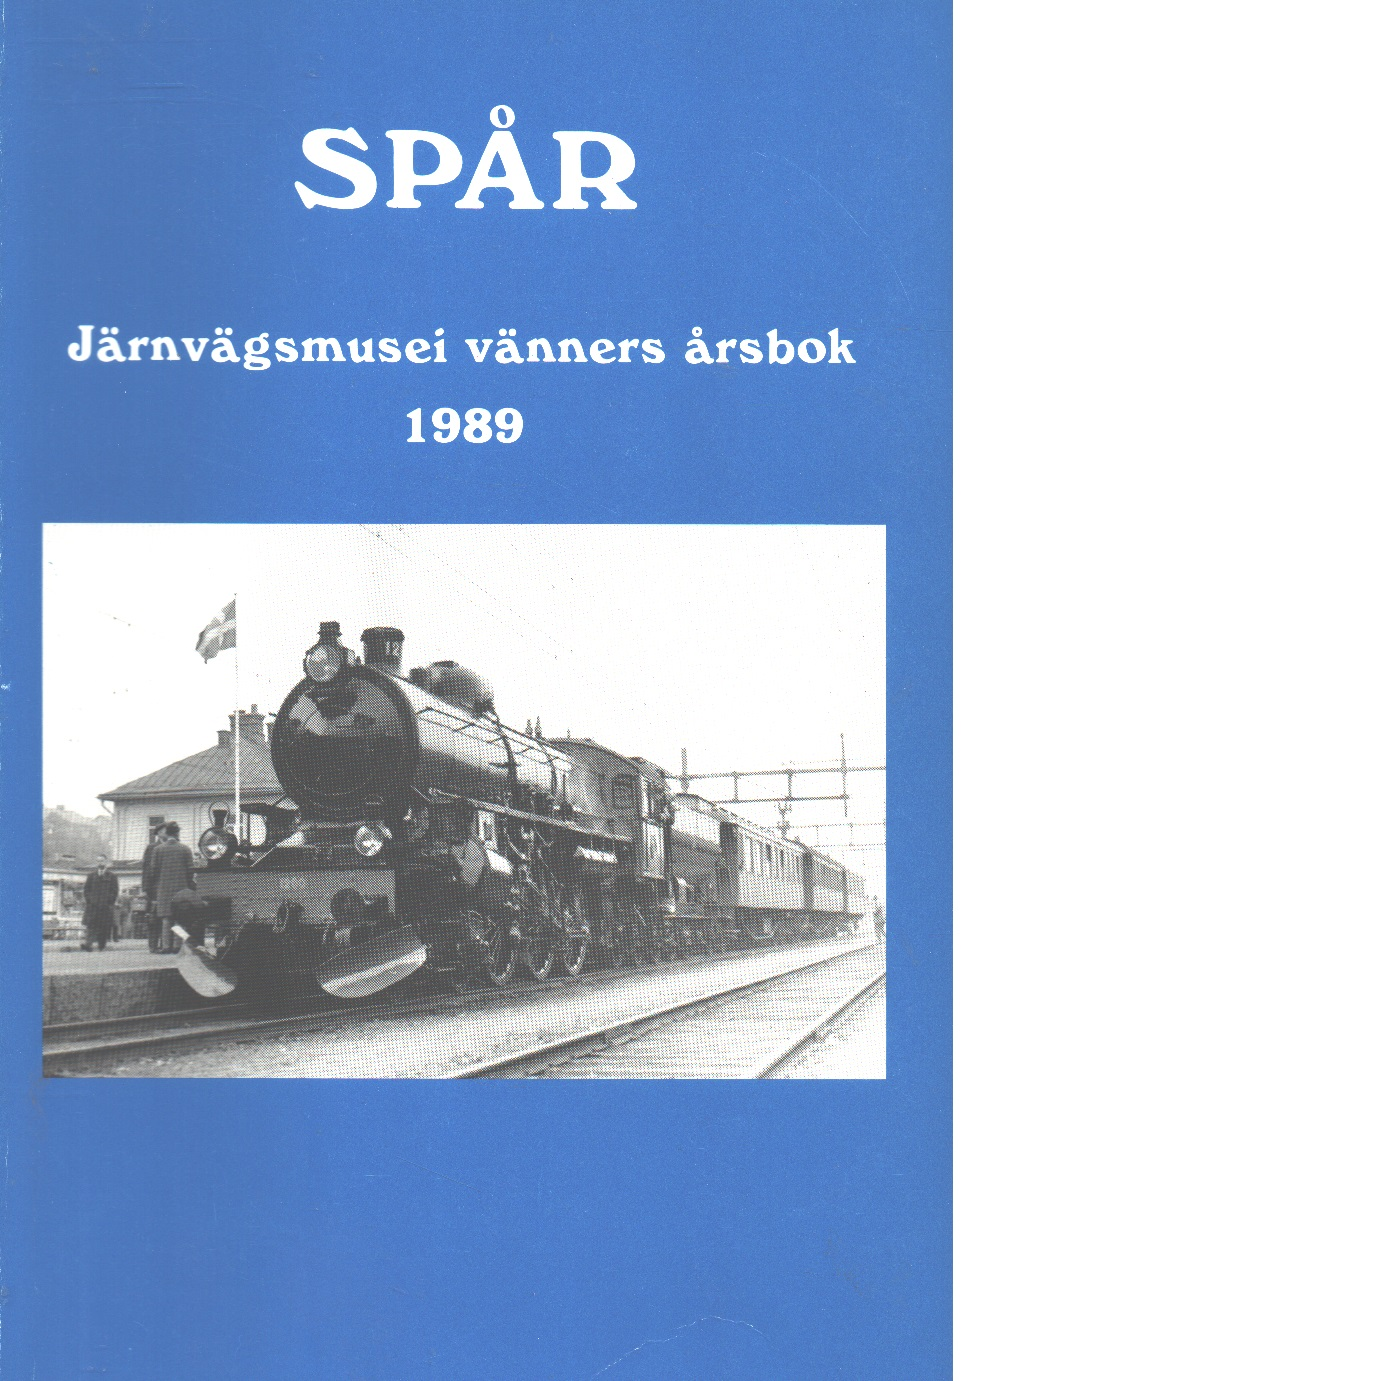 Spår : Järnvägsmusei vänners årsbok 1989 - Red.